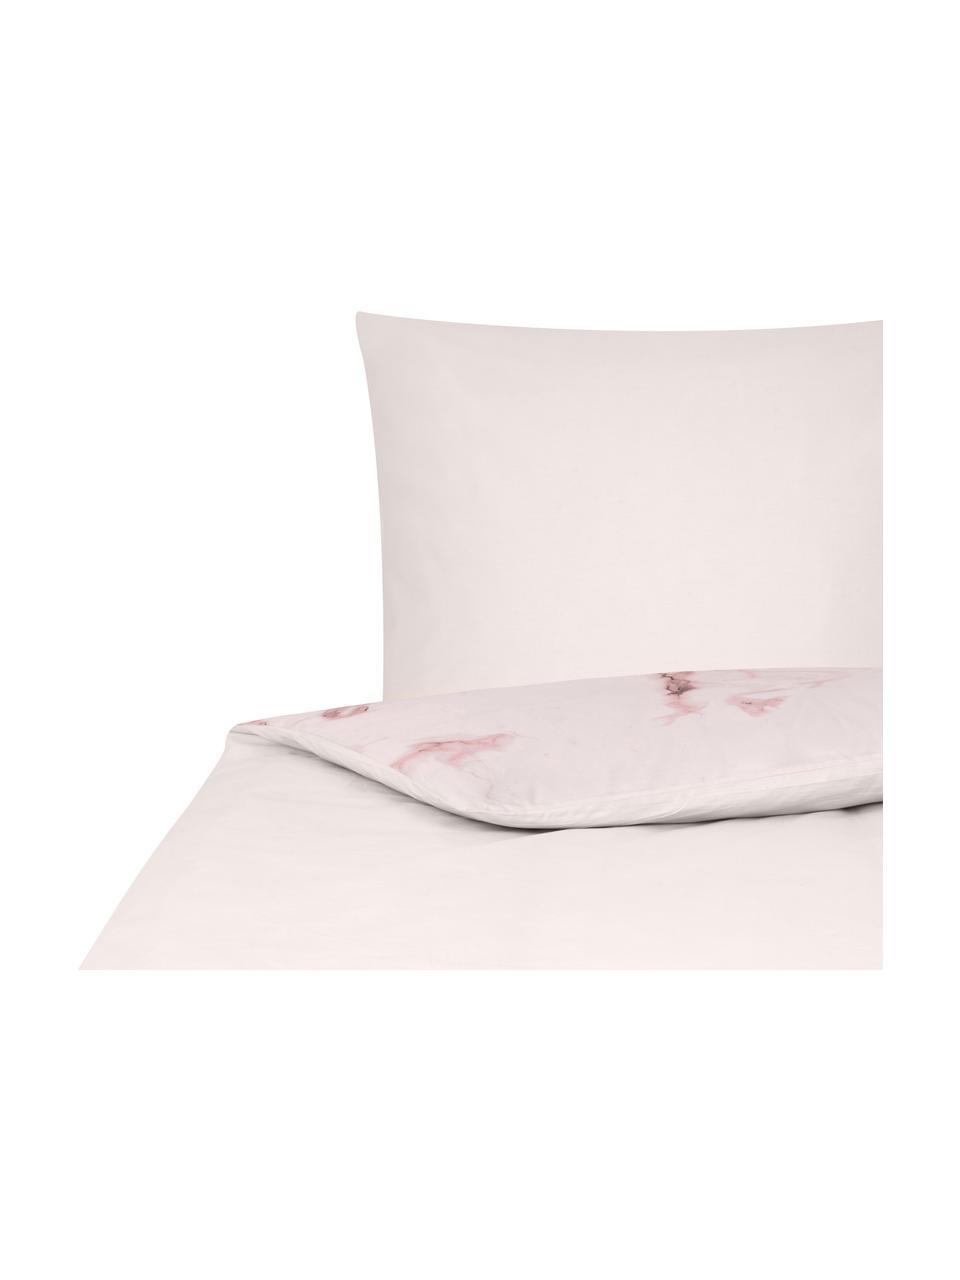 Pościel z perkalu Malin, Wzór marmurowy, różowy, 135 x 200 cm